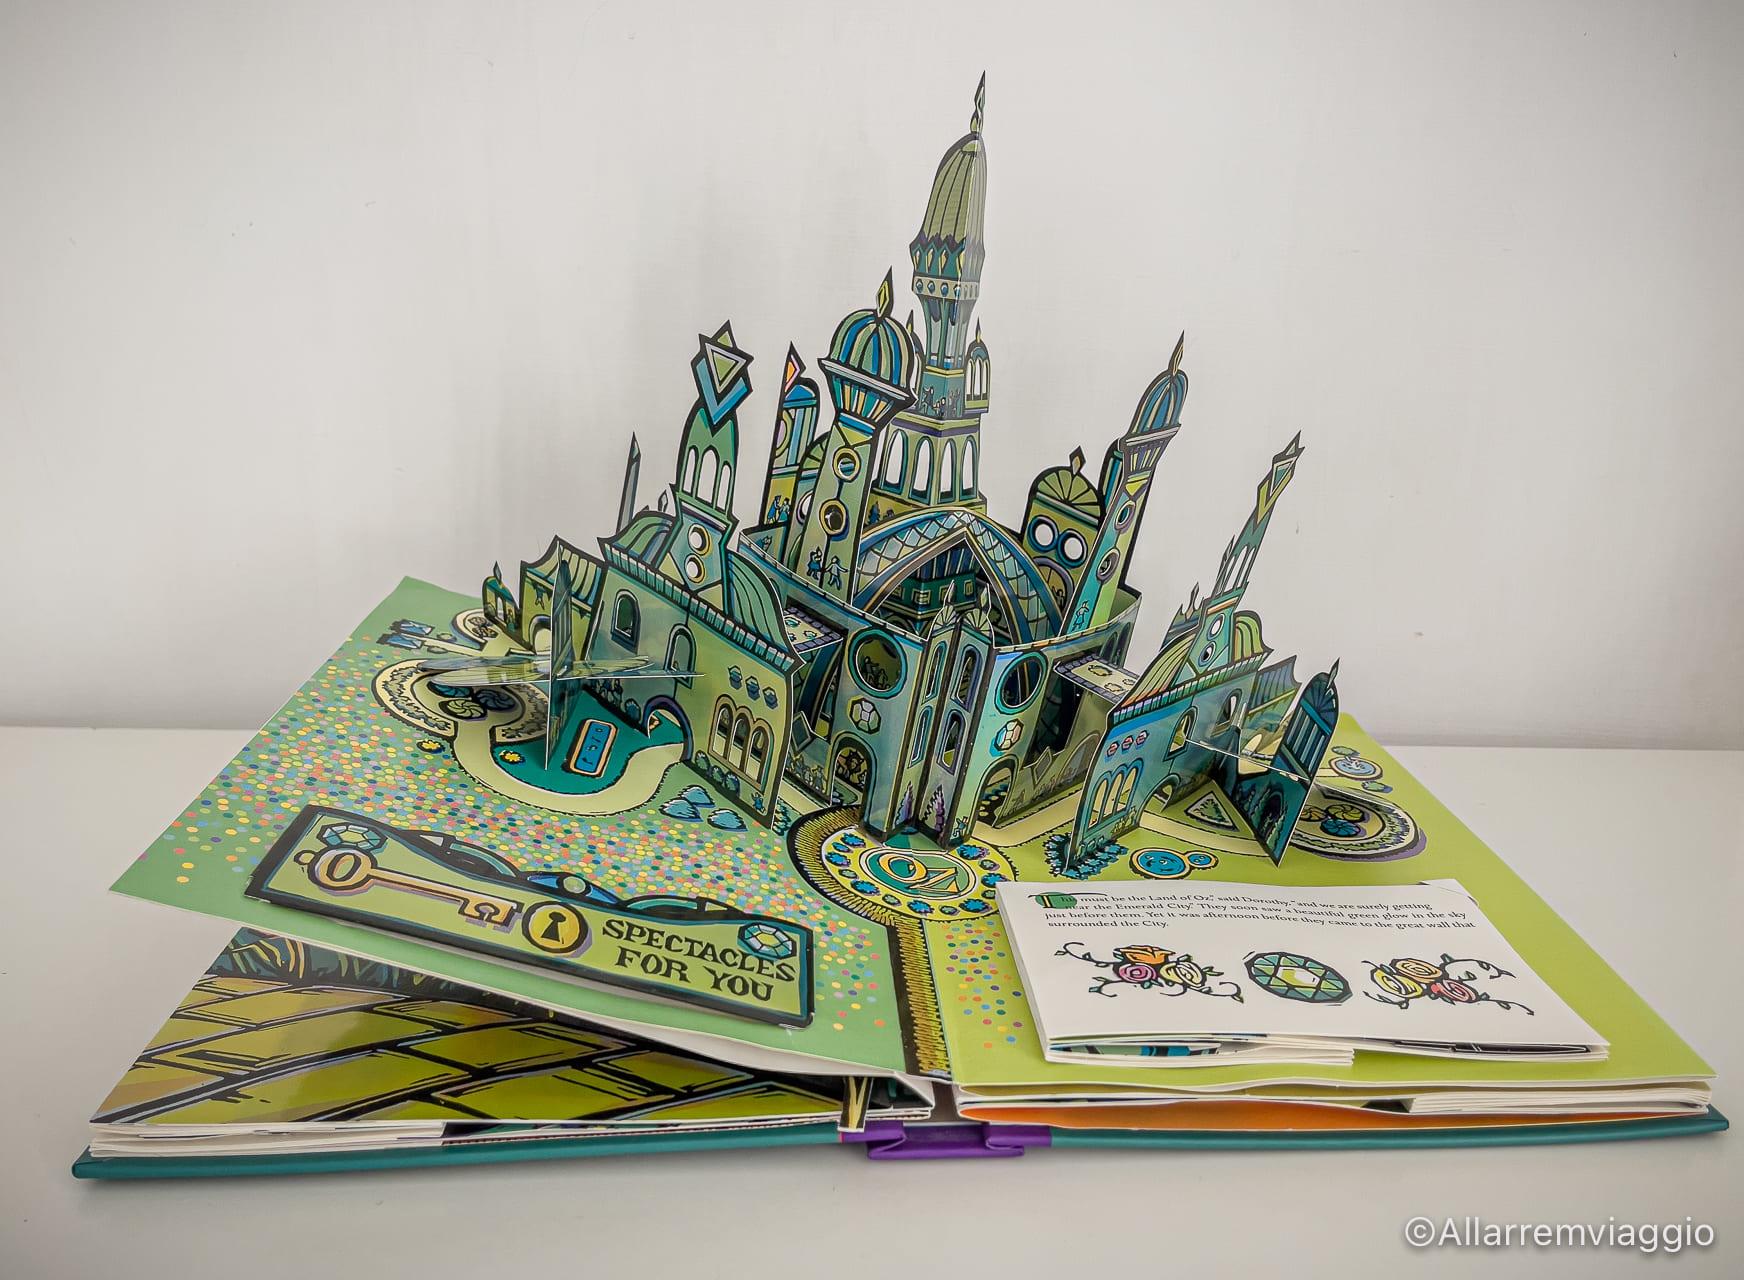 castello di smeraldo mago di oz robert sabauda